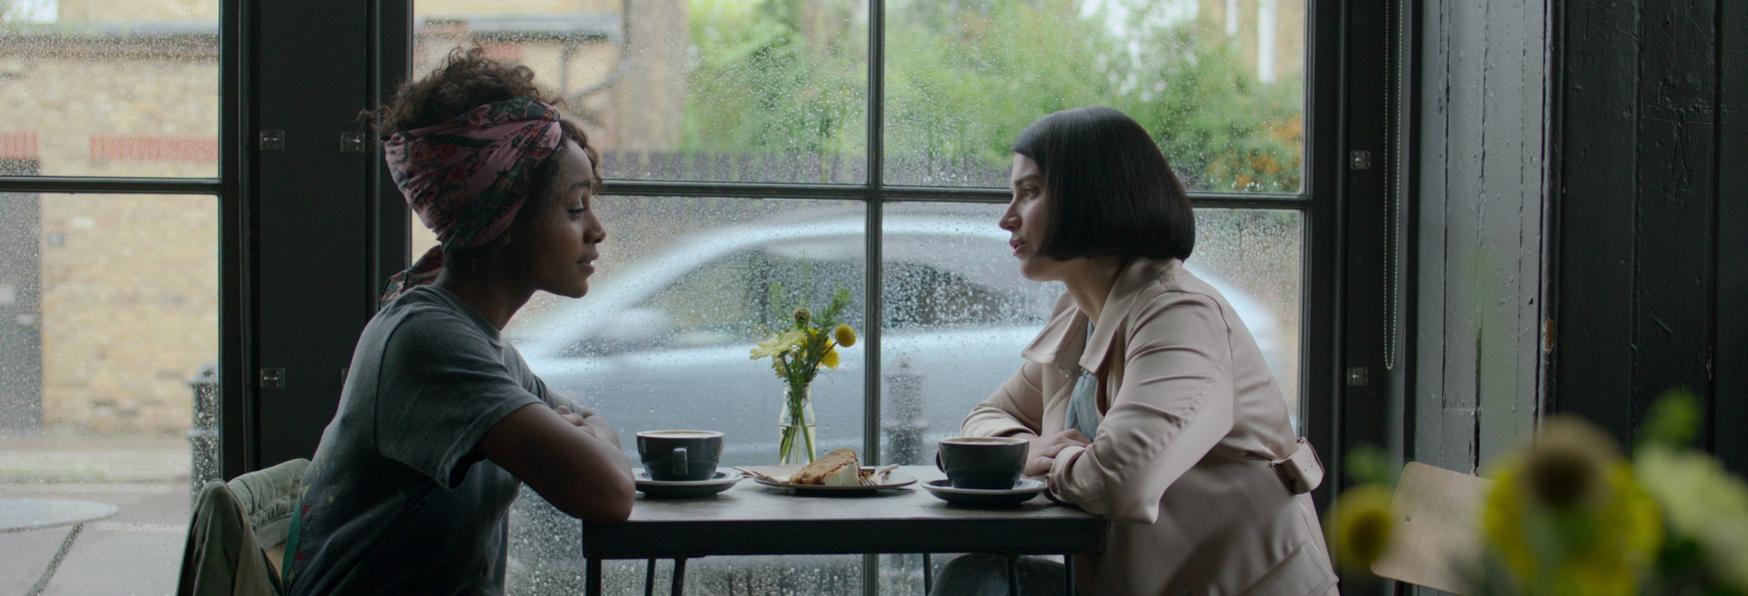 Behind Her Eyes: Svelato il Trailer della nuova Serie TV targata Netflix